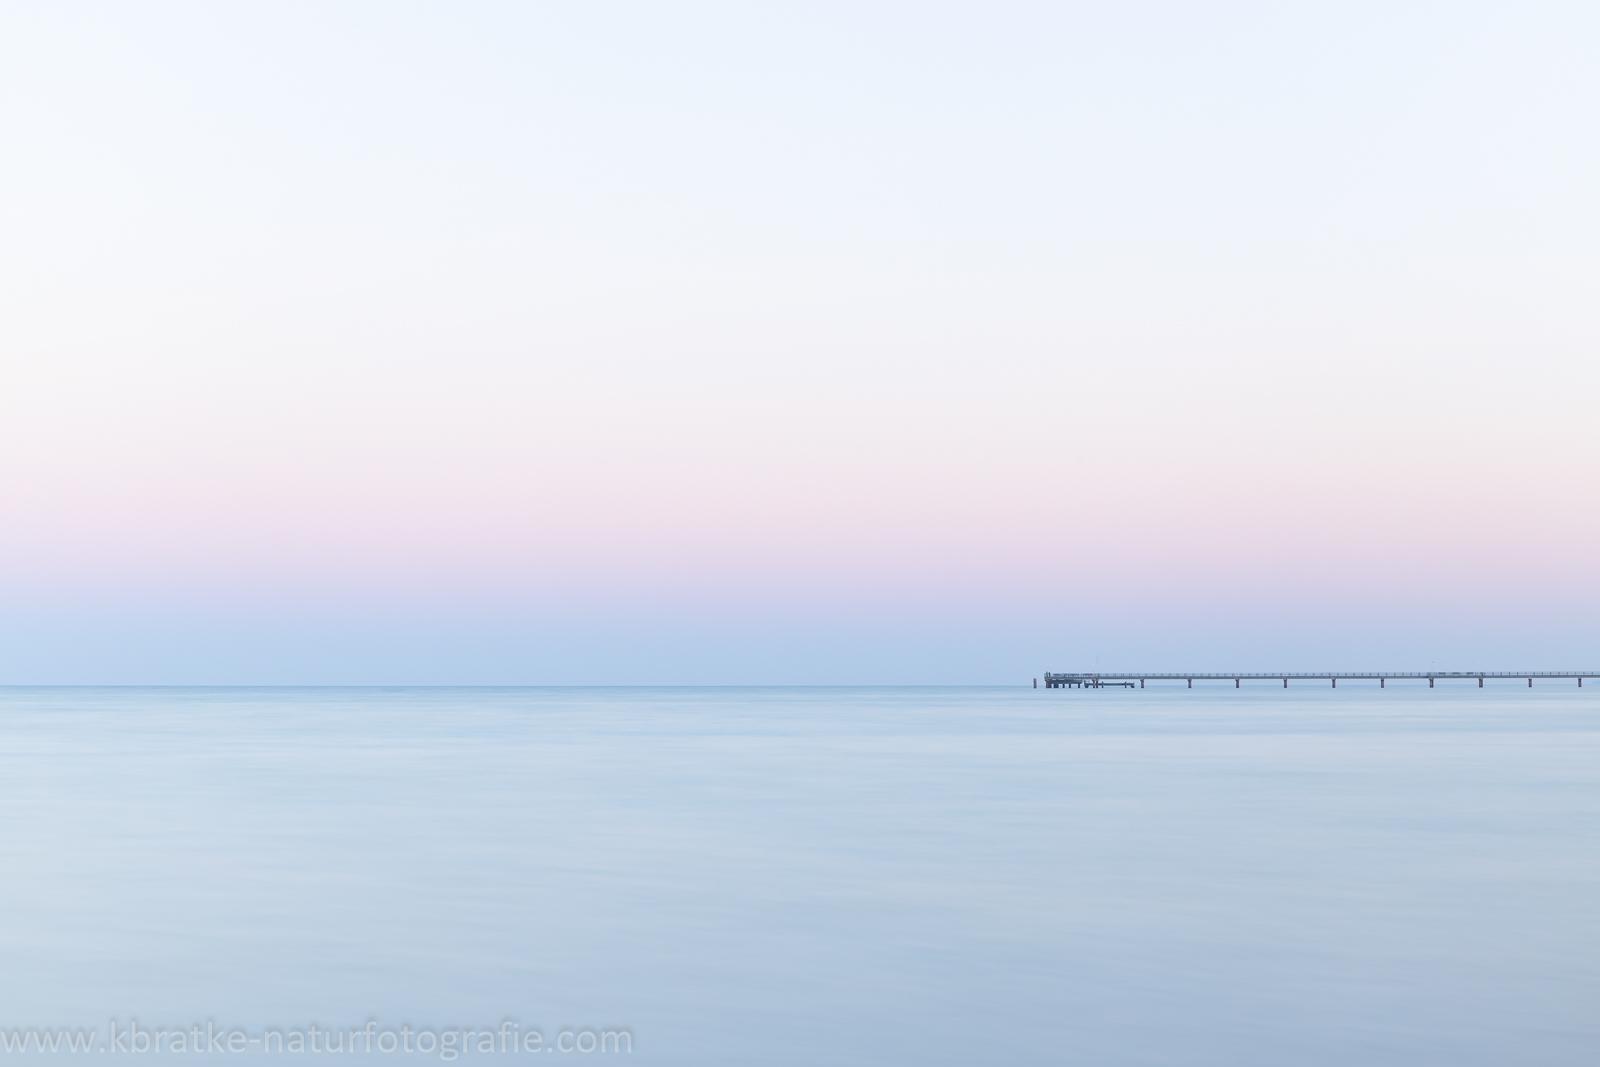 Seebrücke Prerow kurz nach Sonnenuntergang